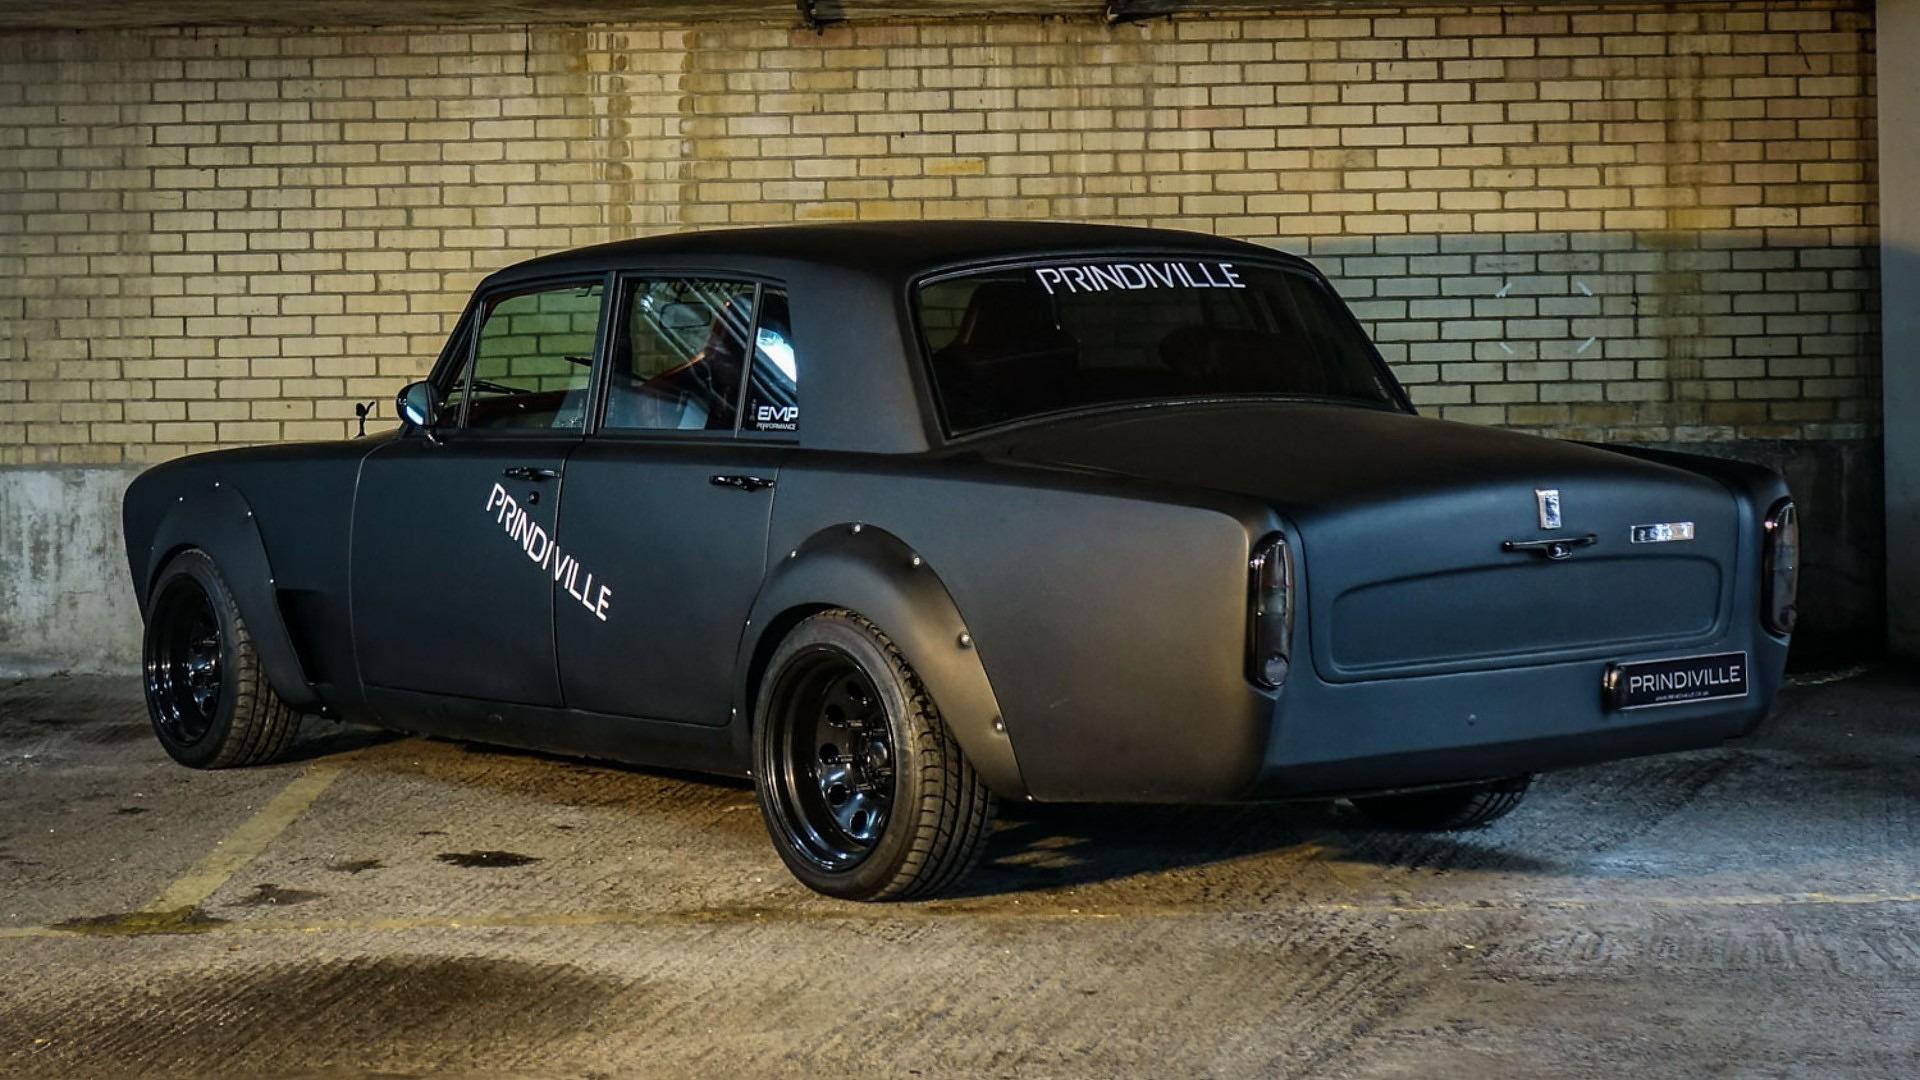 rolls-royce-silver-shadow-drift-car10